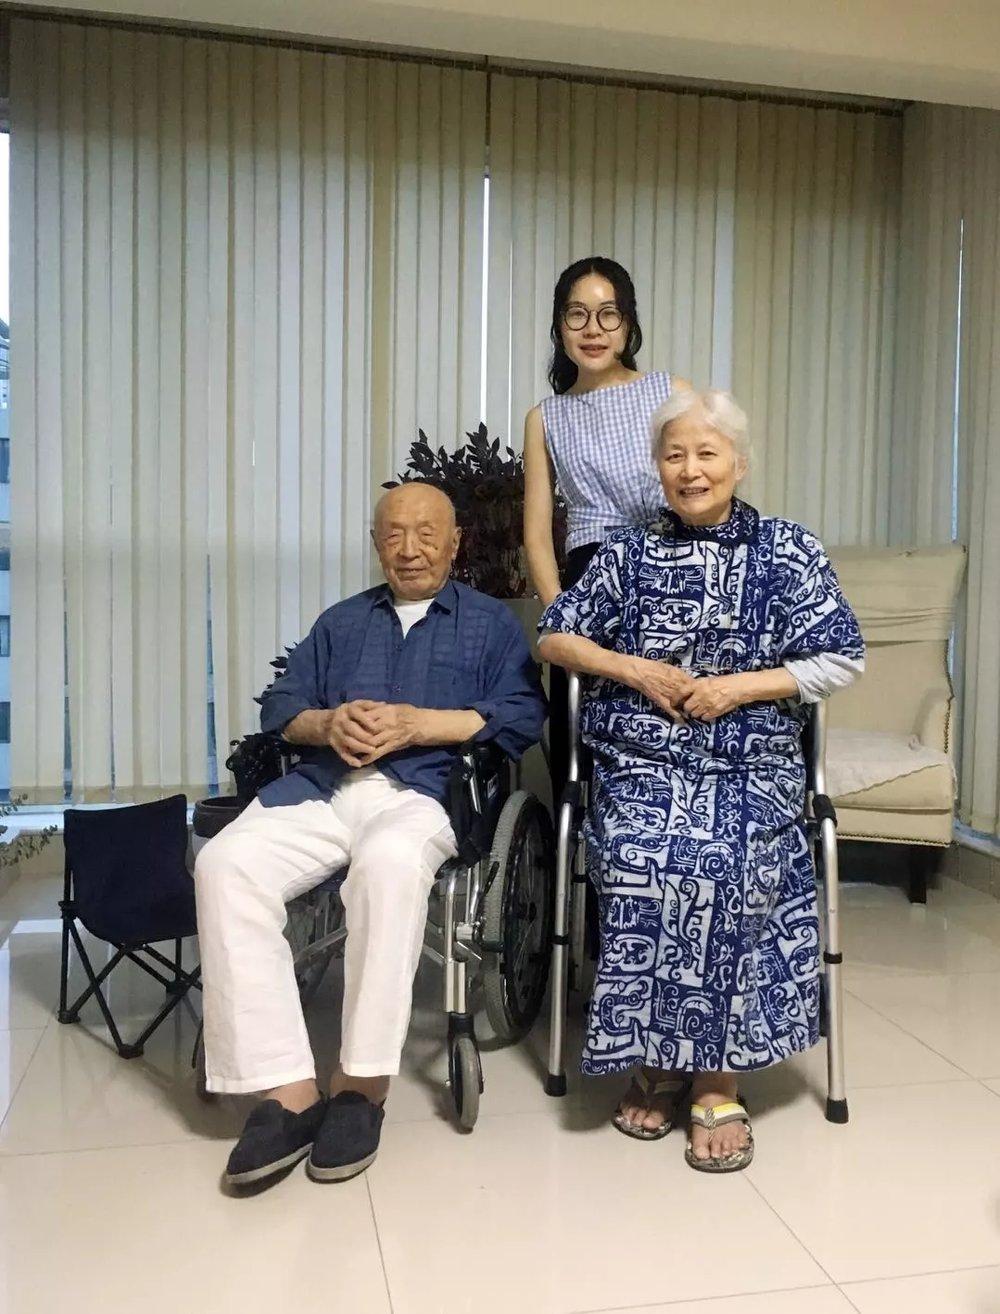 彭伟华与庞壔夫妇的合影